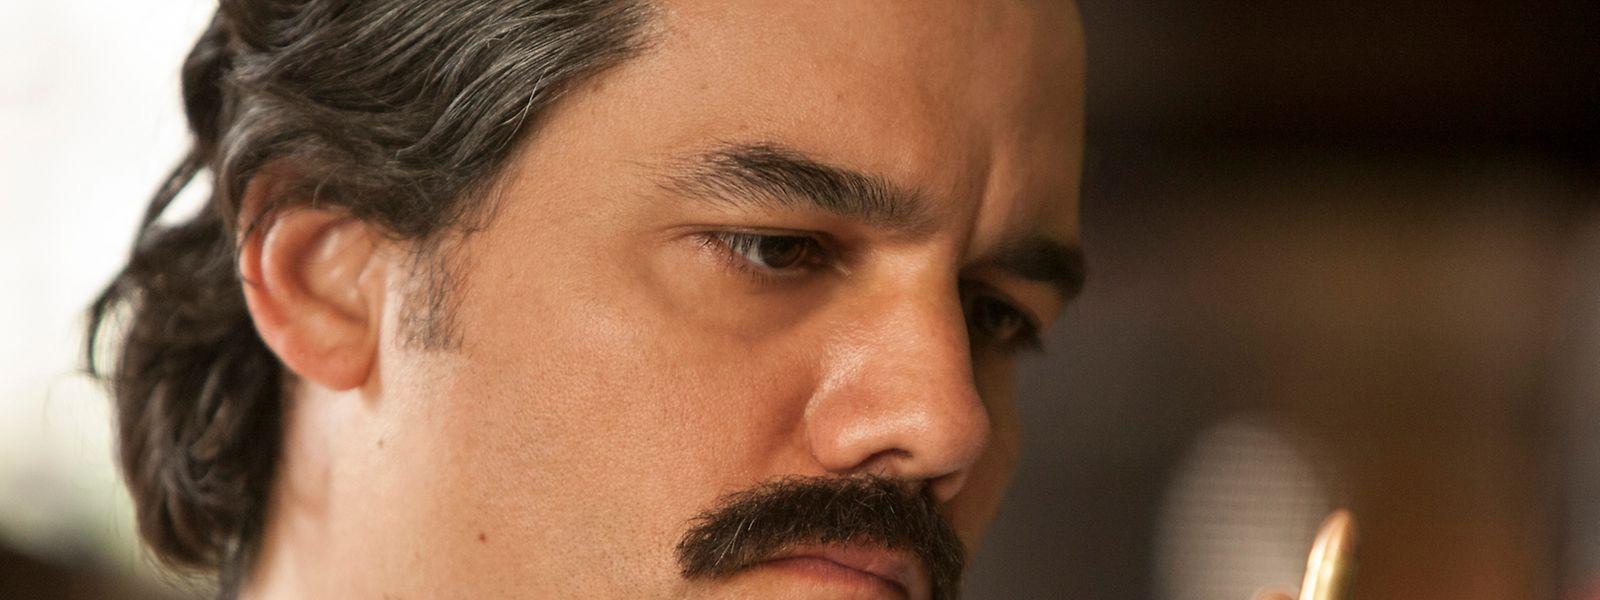 Wagner Moura verkörpert Pablo Escobar.